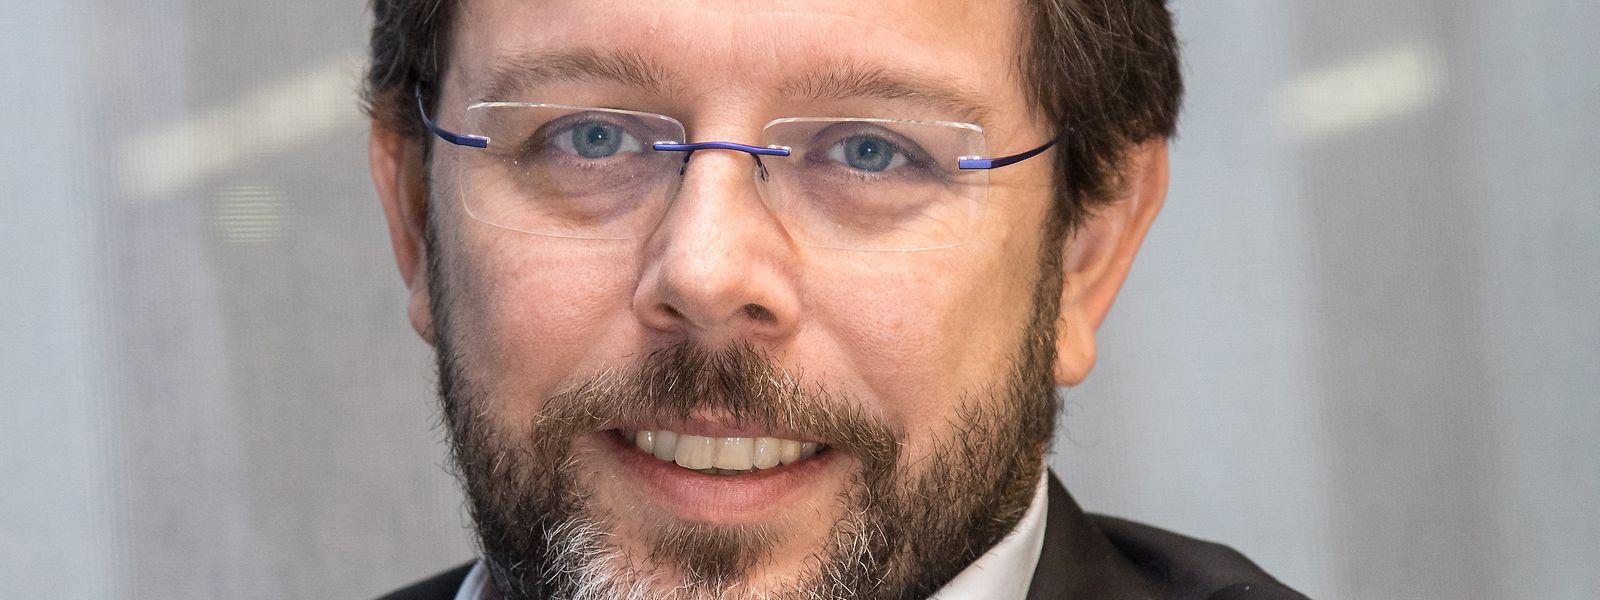 Nicolas Henckes a notamment occupé les fonctions de directeur de l'Institut national pour le développement durable et la responsabilité sociale des entreprises, par le passé.